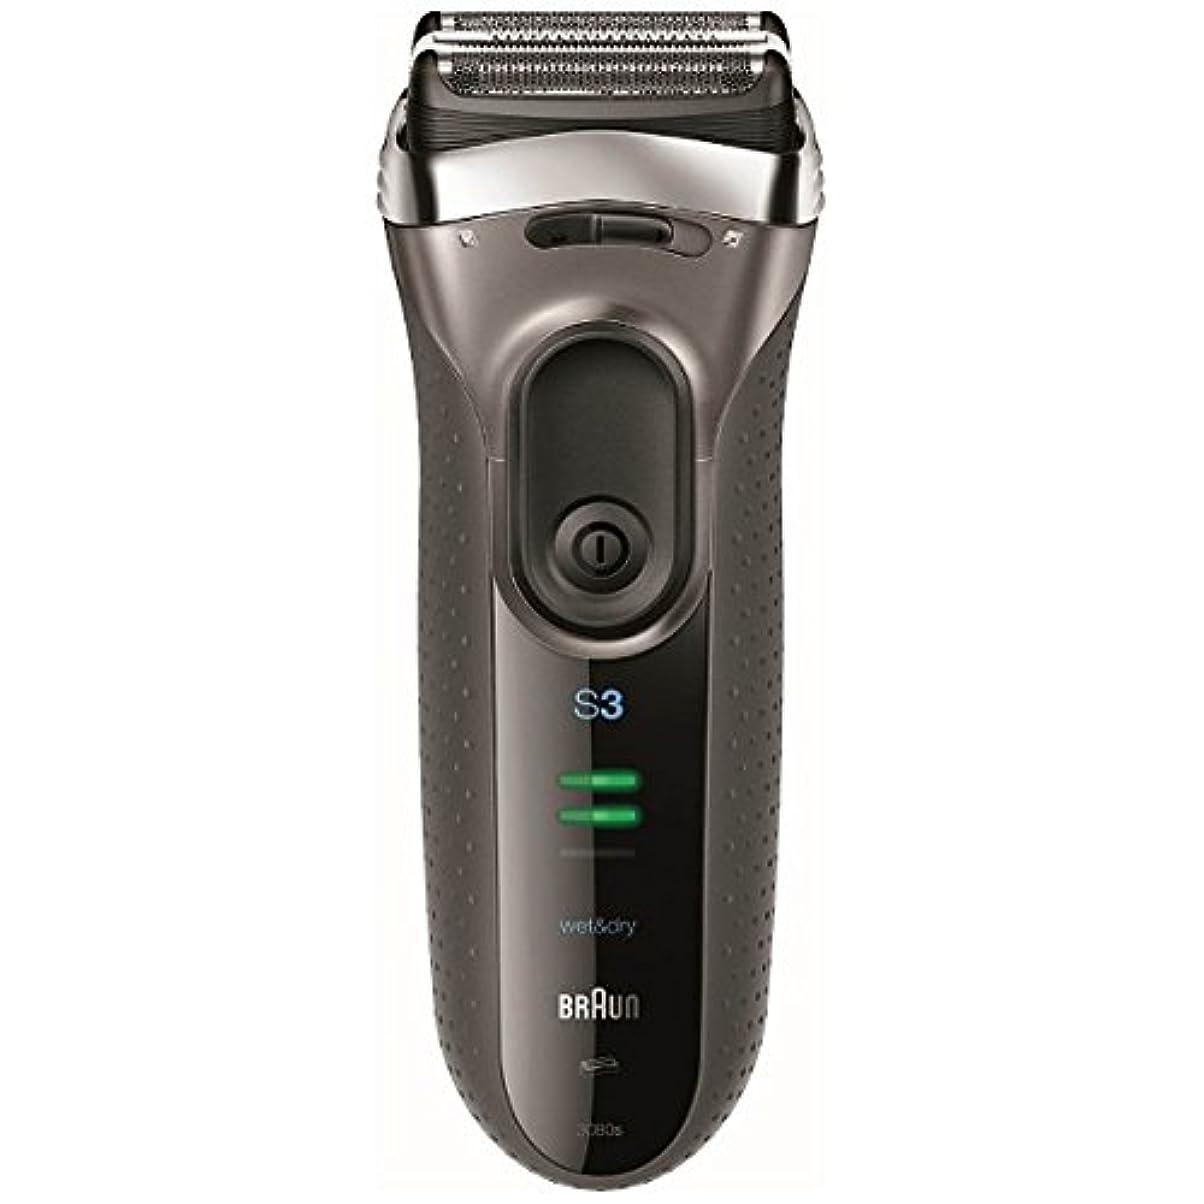 受付なんでも排除ブラウン メンズシェーバー シリーズ3 3080s-S-P 3枚刃 お風呂剃り可 シルバー